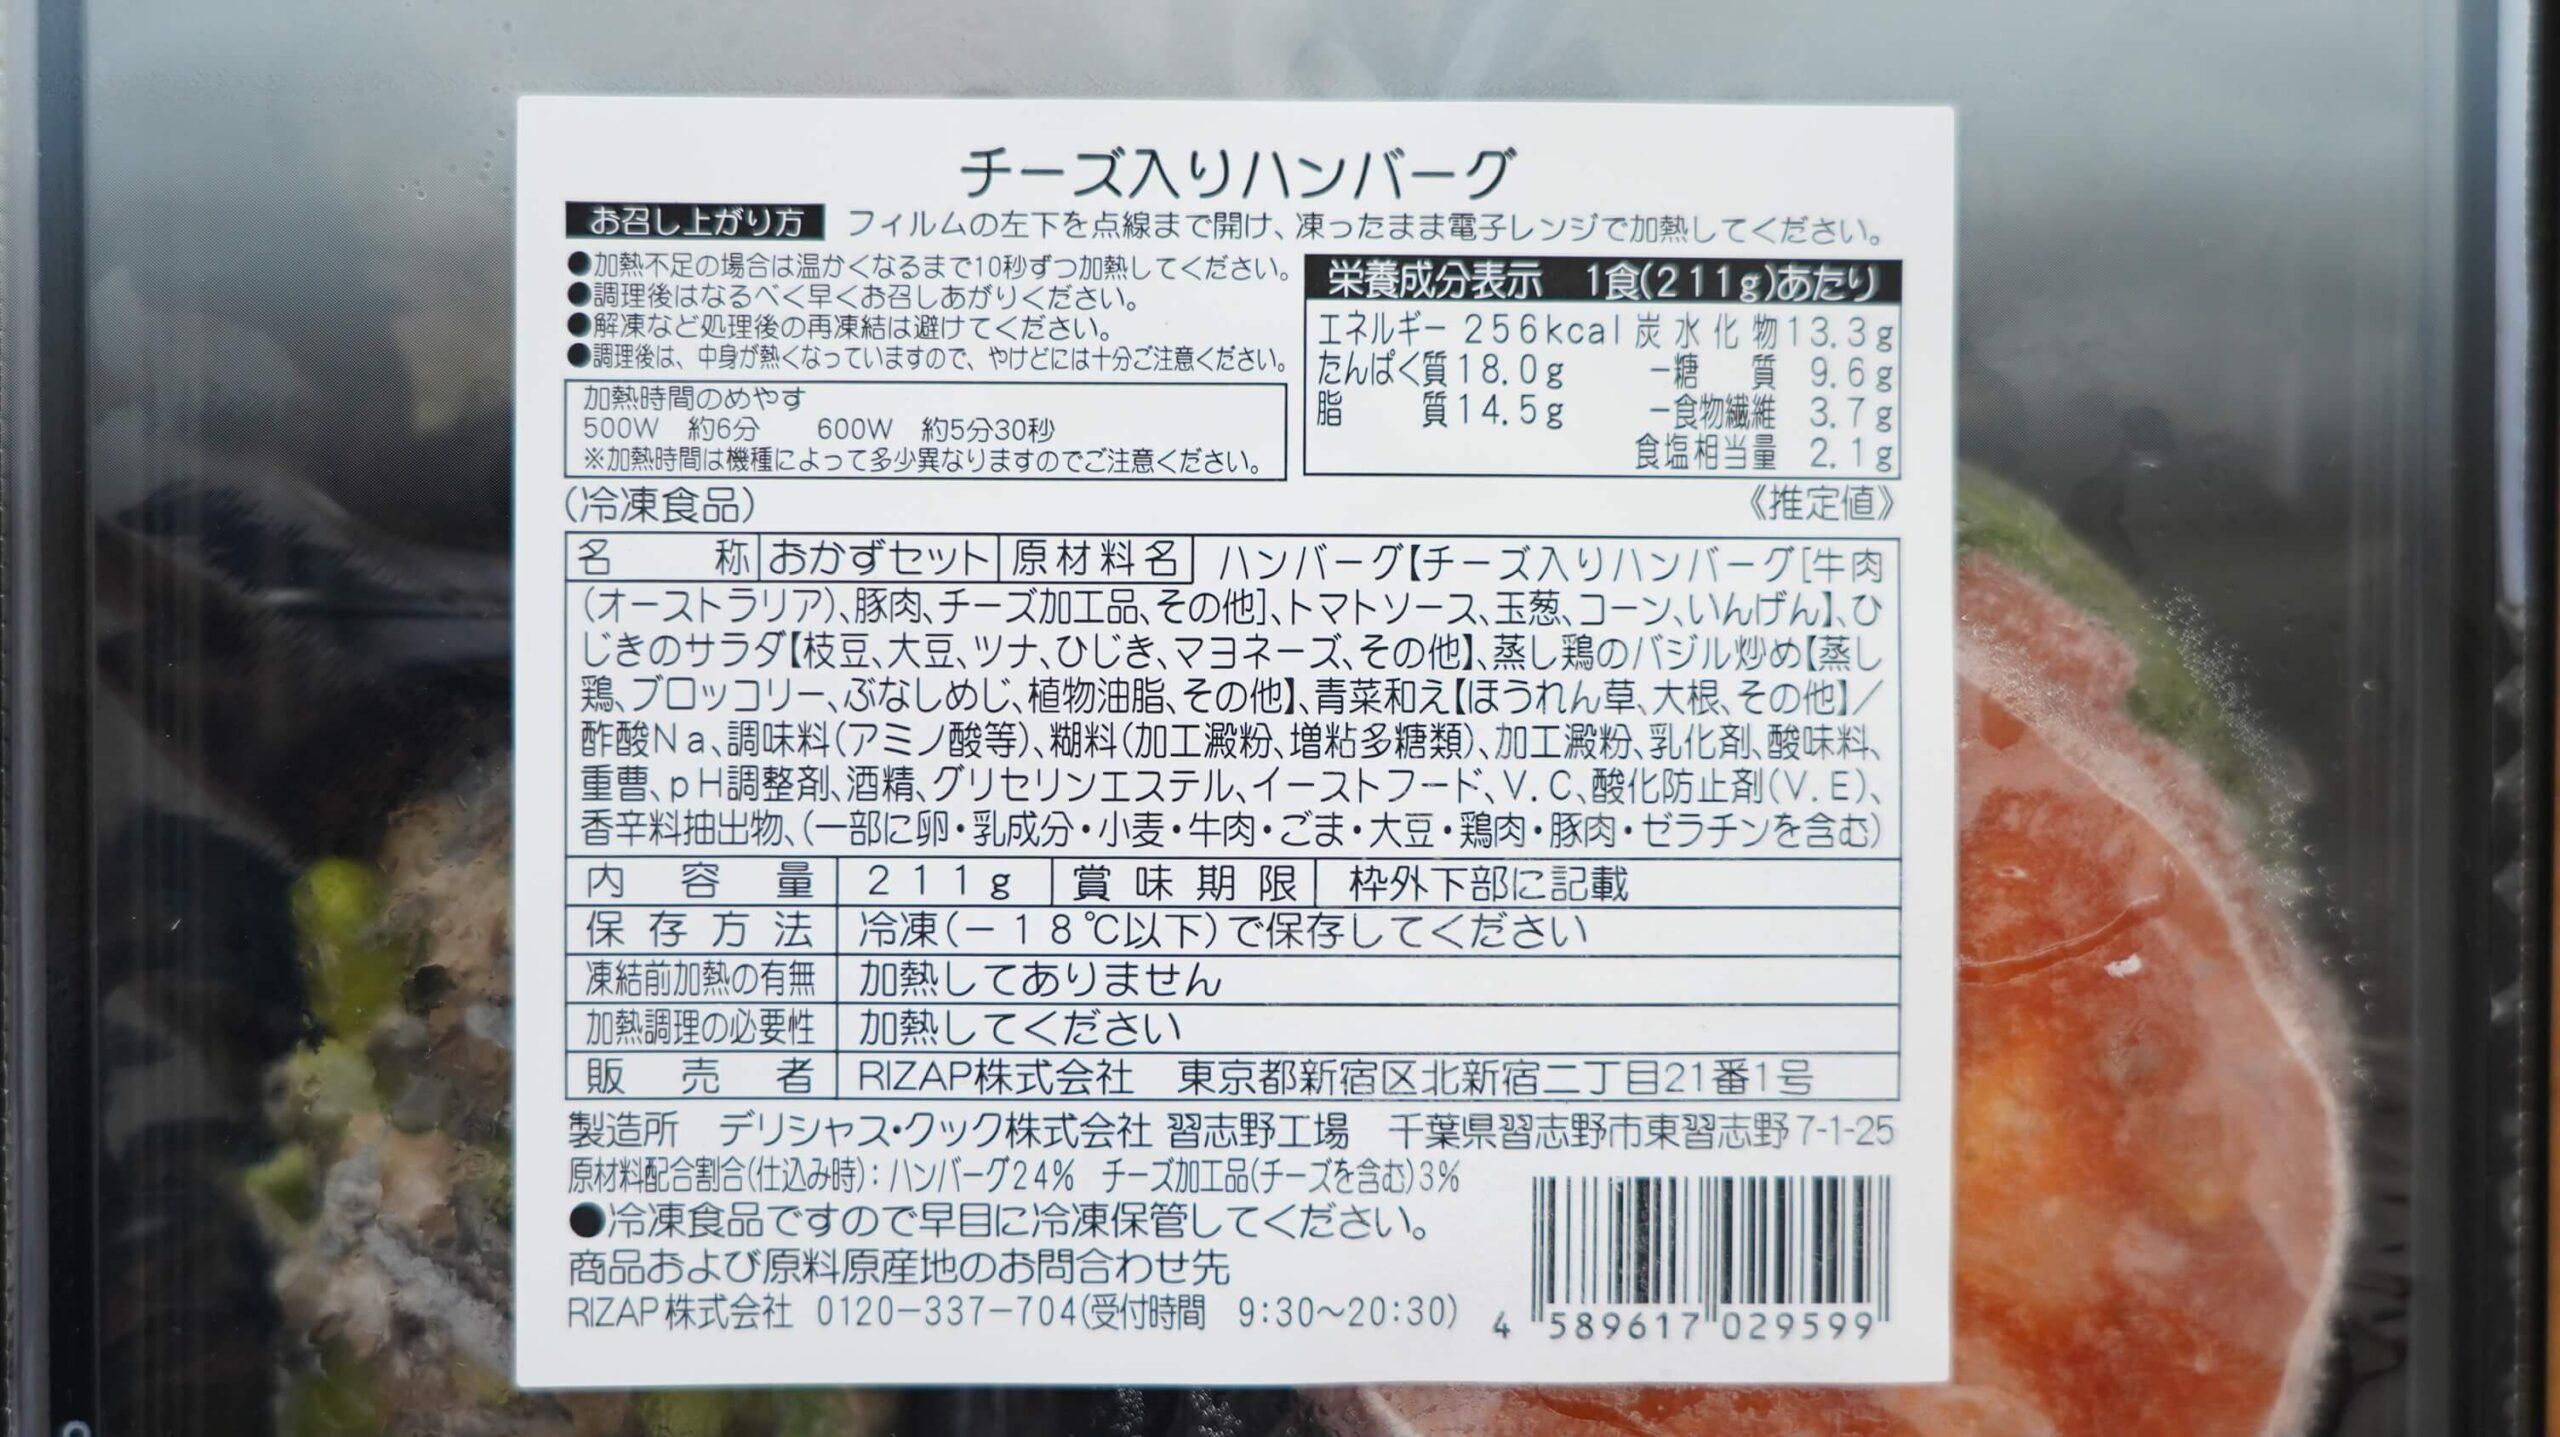 ライザップのサポートミール「チーズ入りハンバーグ」の商品情報の写真